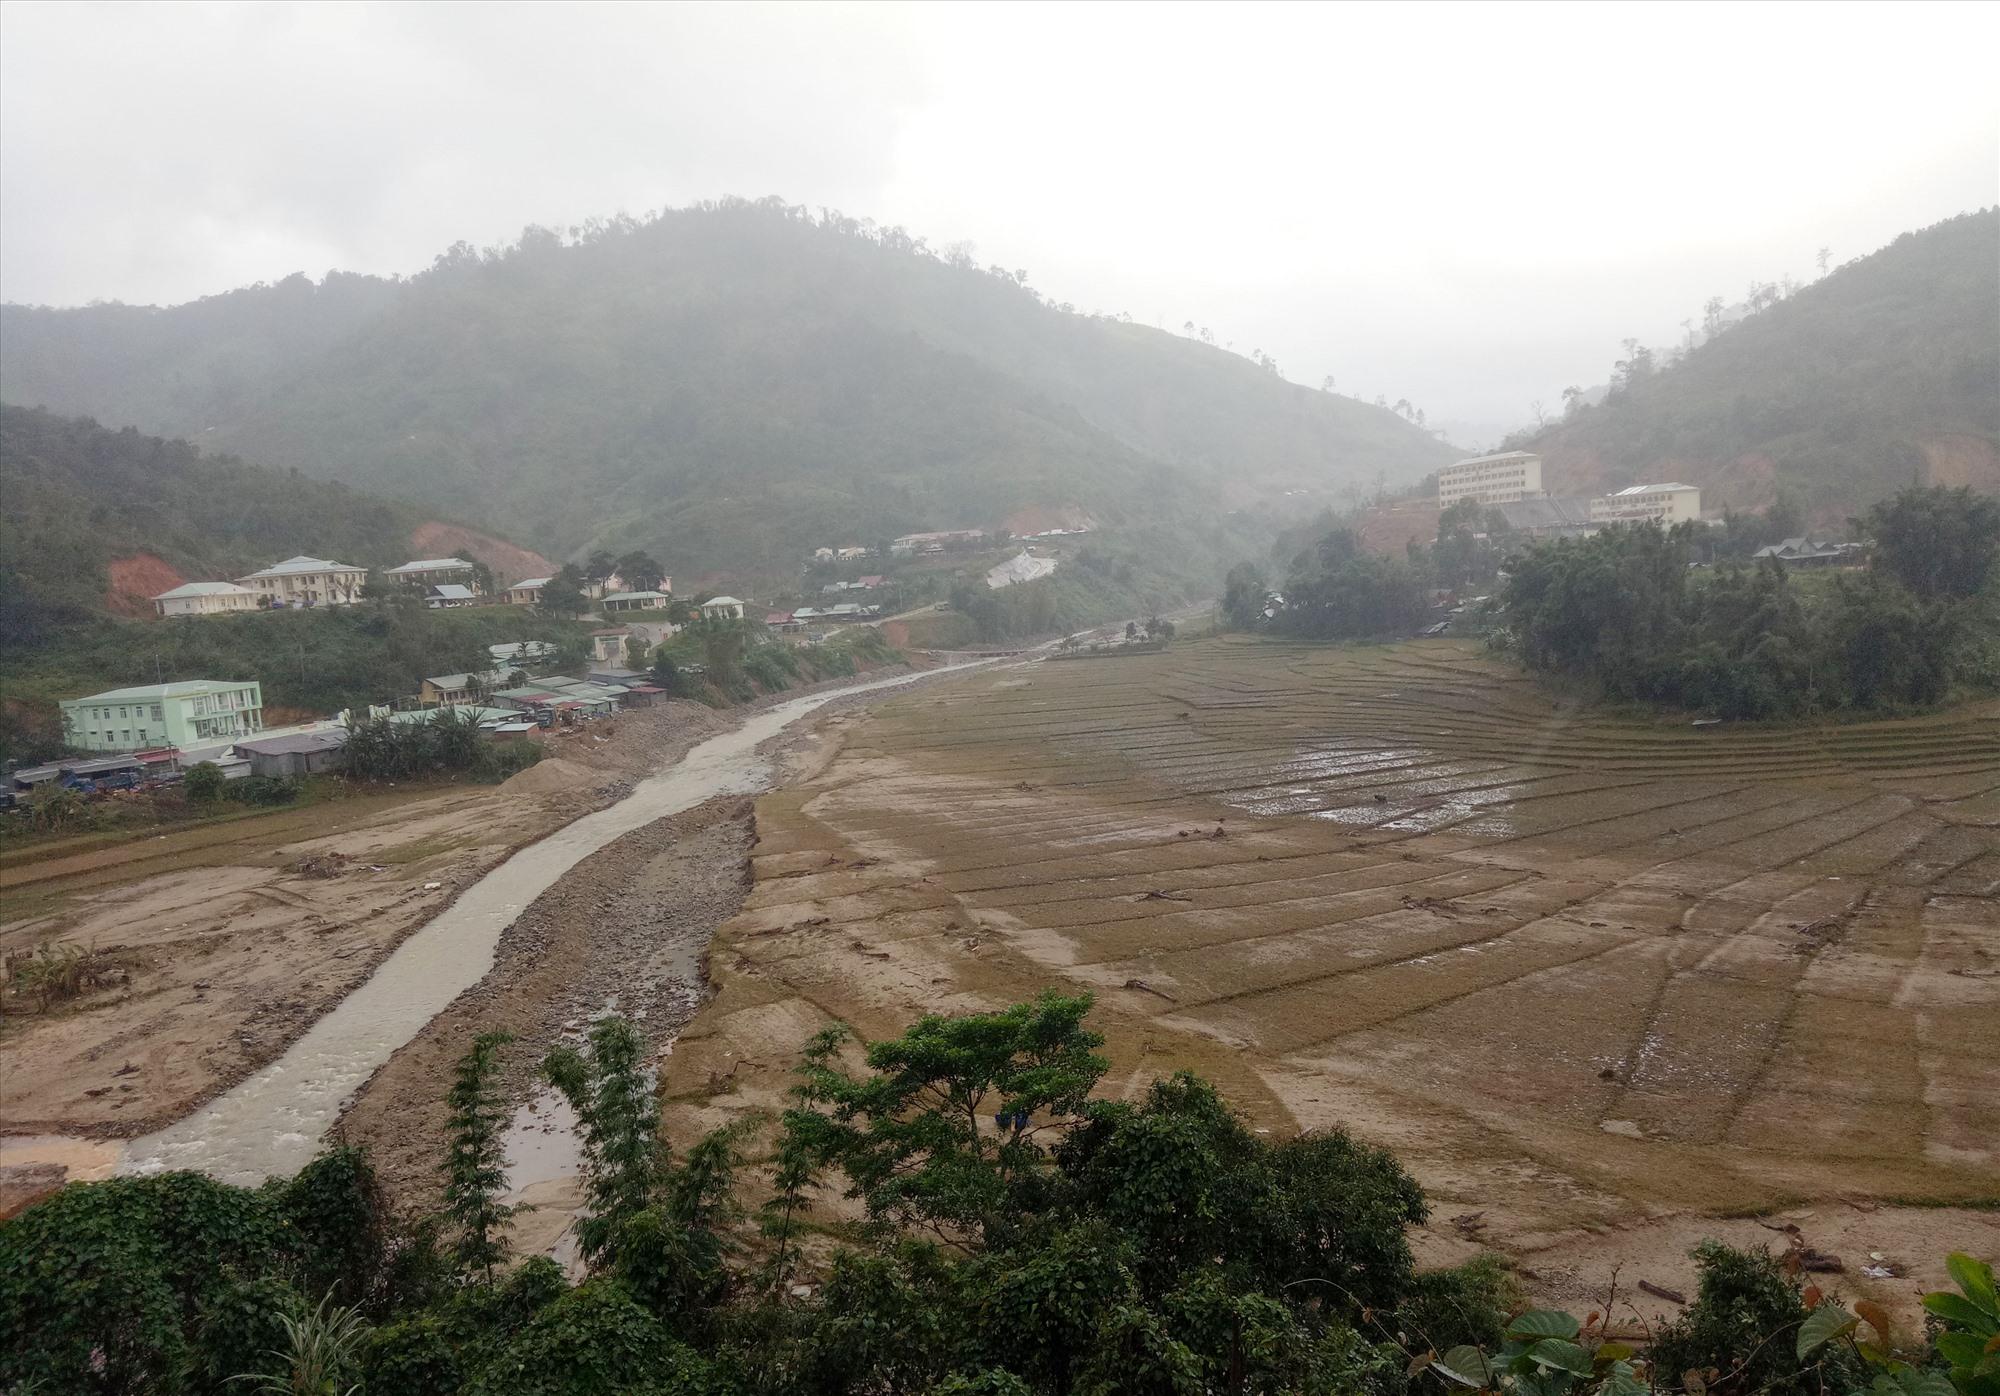 Mưa lũ đã làm hư hại nhiều ruộng lúa ở vùng cao Tây Giang. Ảnh: Đ.Hiệp